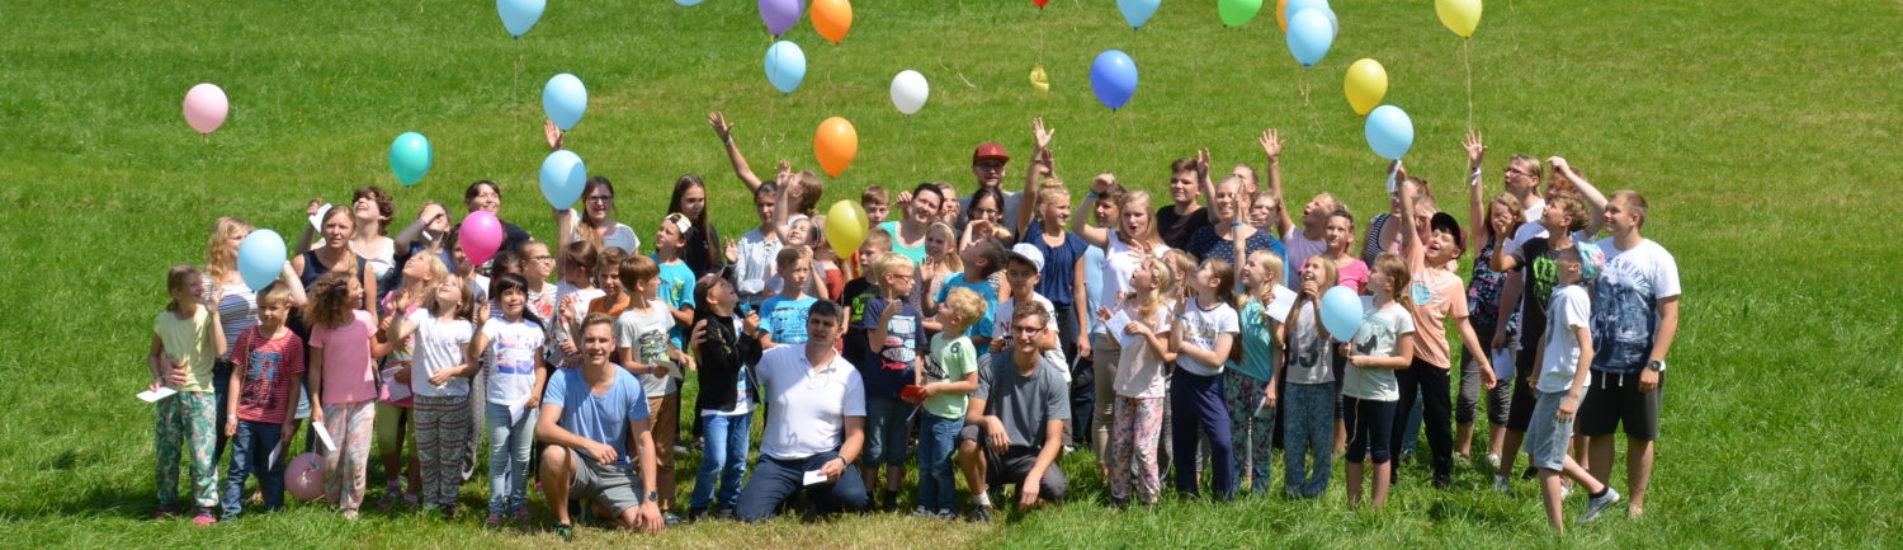 Kinderfreizeit 1. Woche 2017 | CBG Fulda Kohlhaus